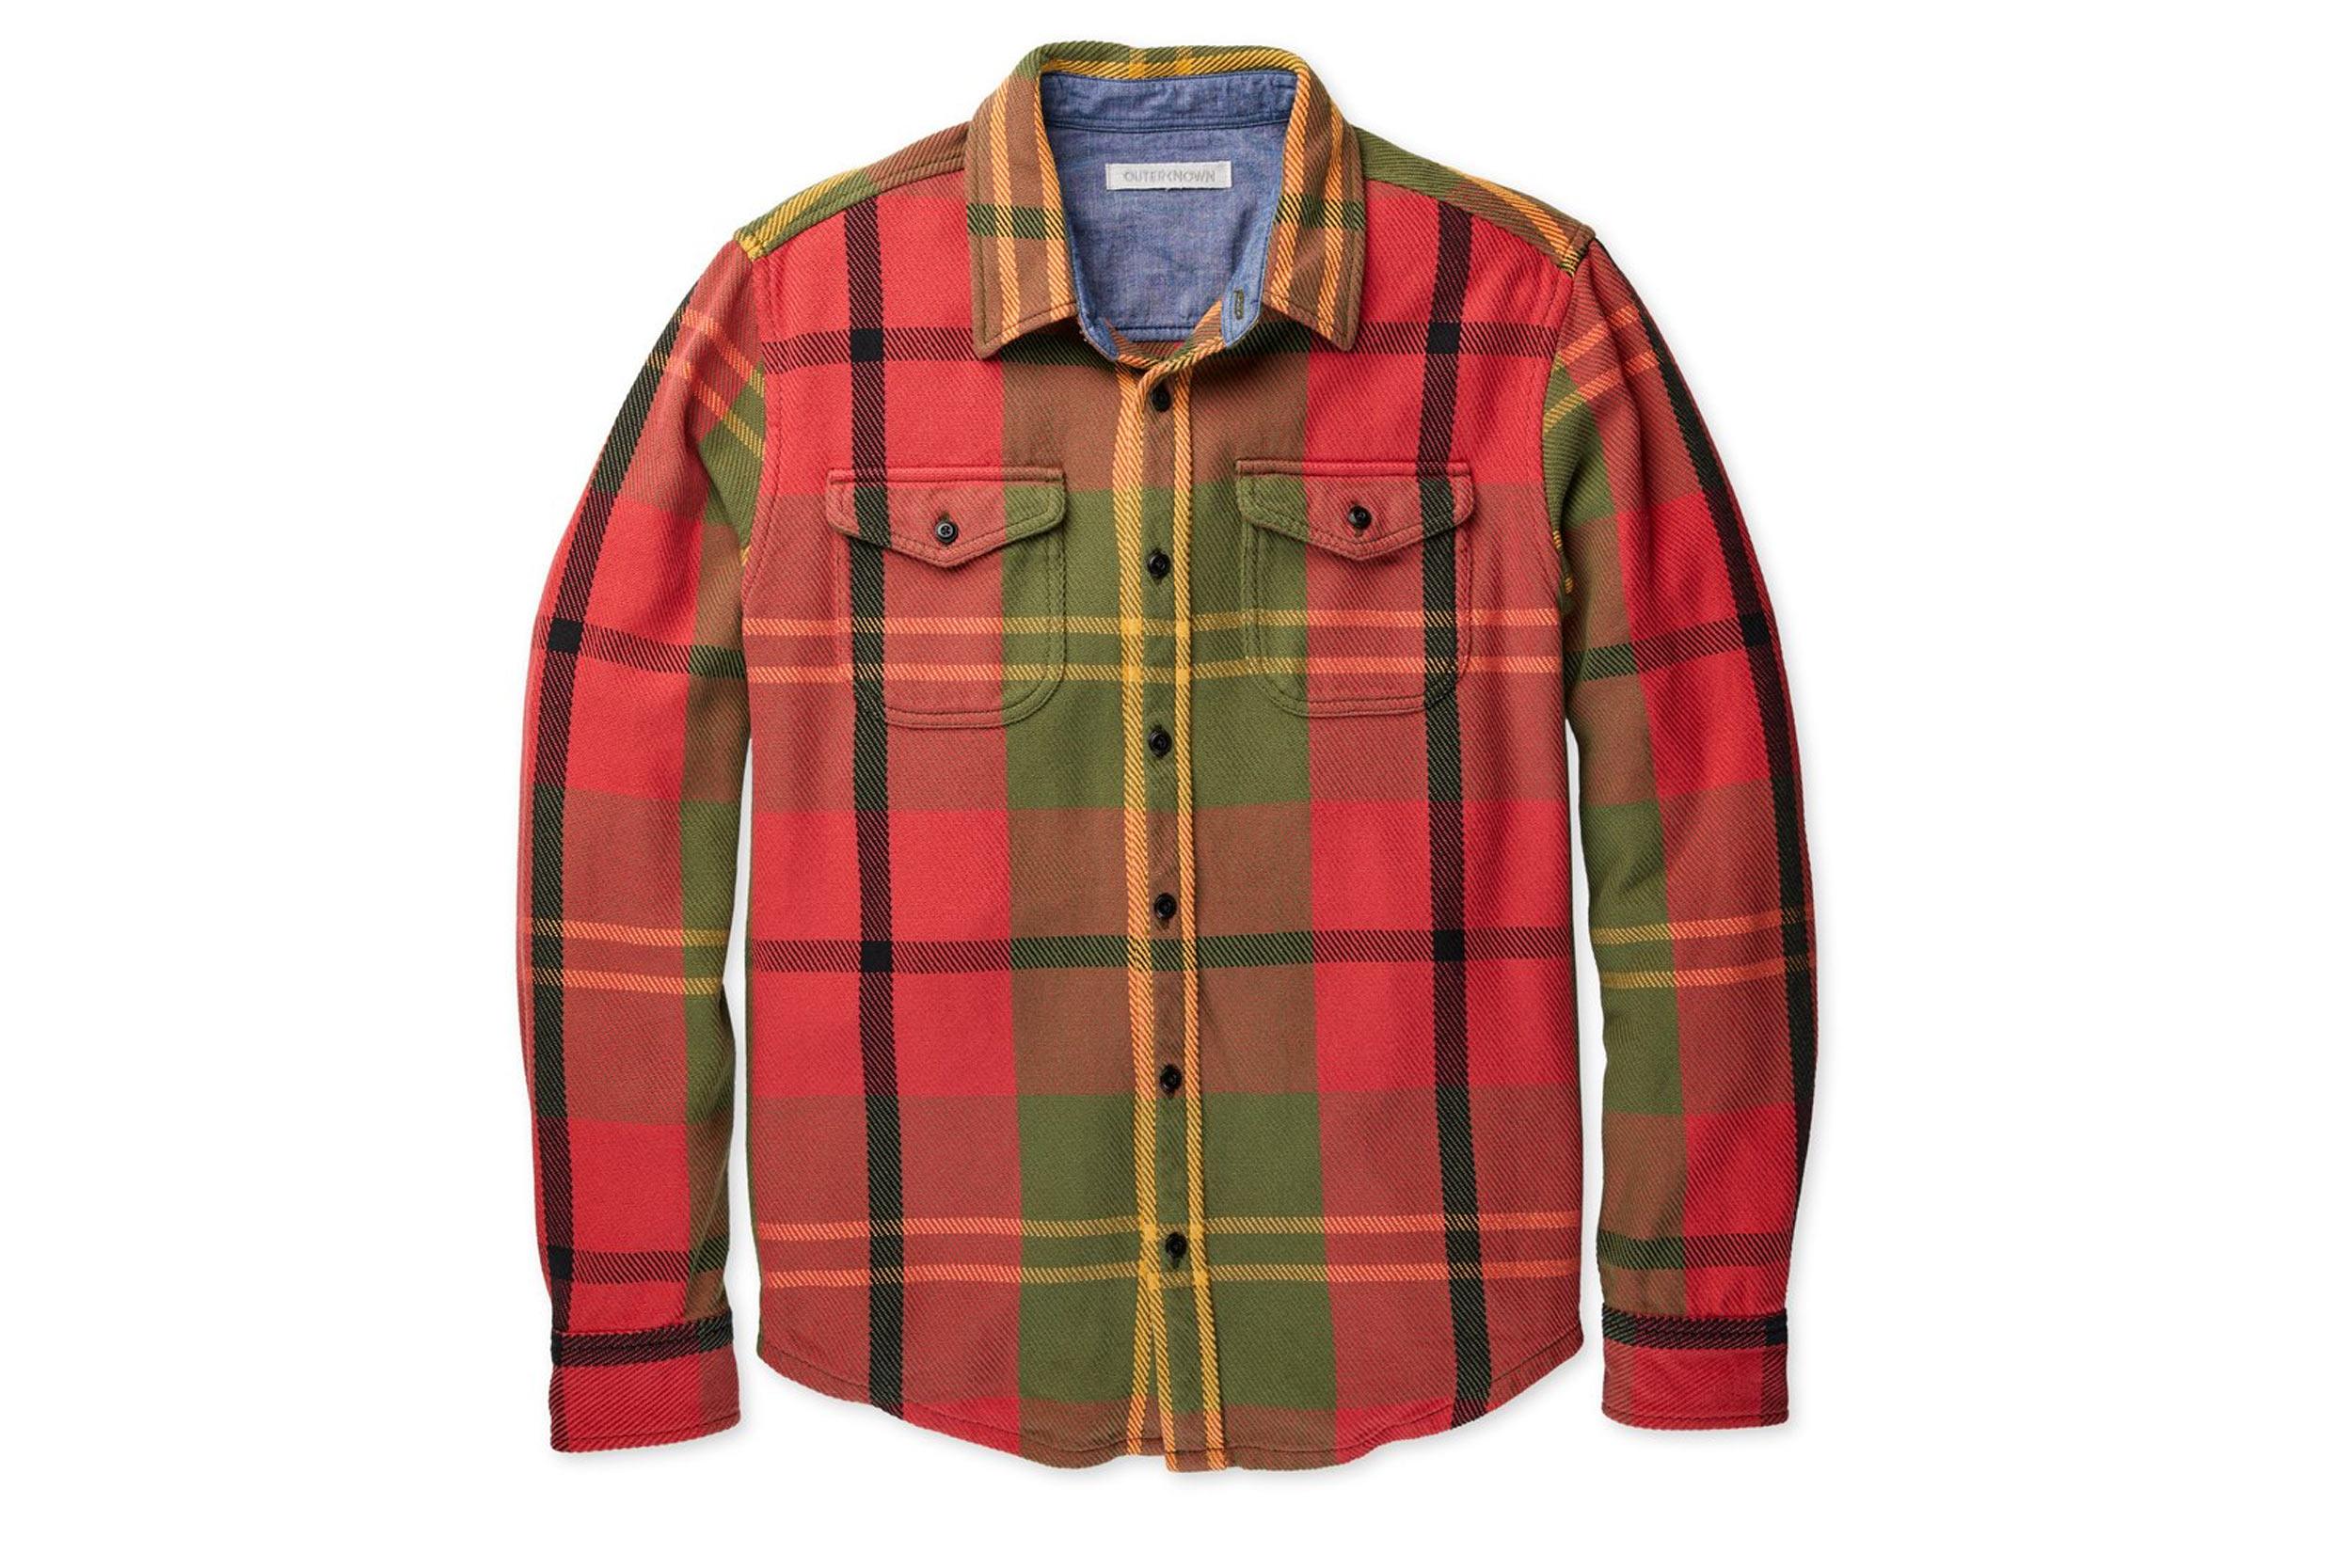 GearJunkie_Best_Flannels_2021_Outerknown_Blanket_Shirt